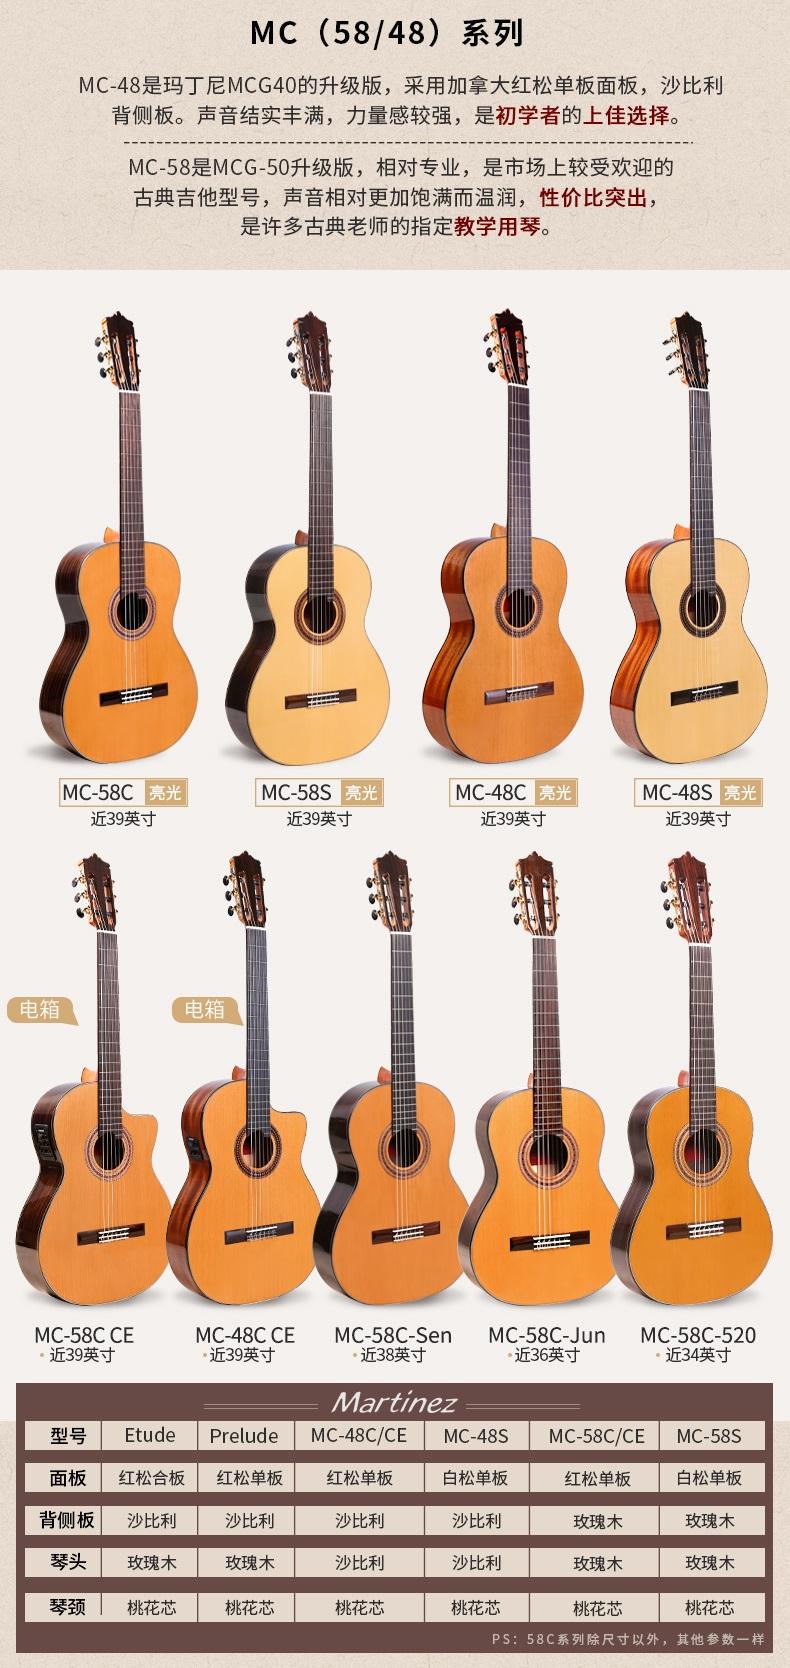 马丁尼吉他_去哪里买弹拨类乐器-河南欧乐乐器批发有限公司